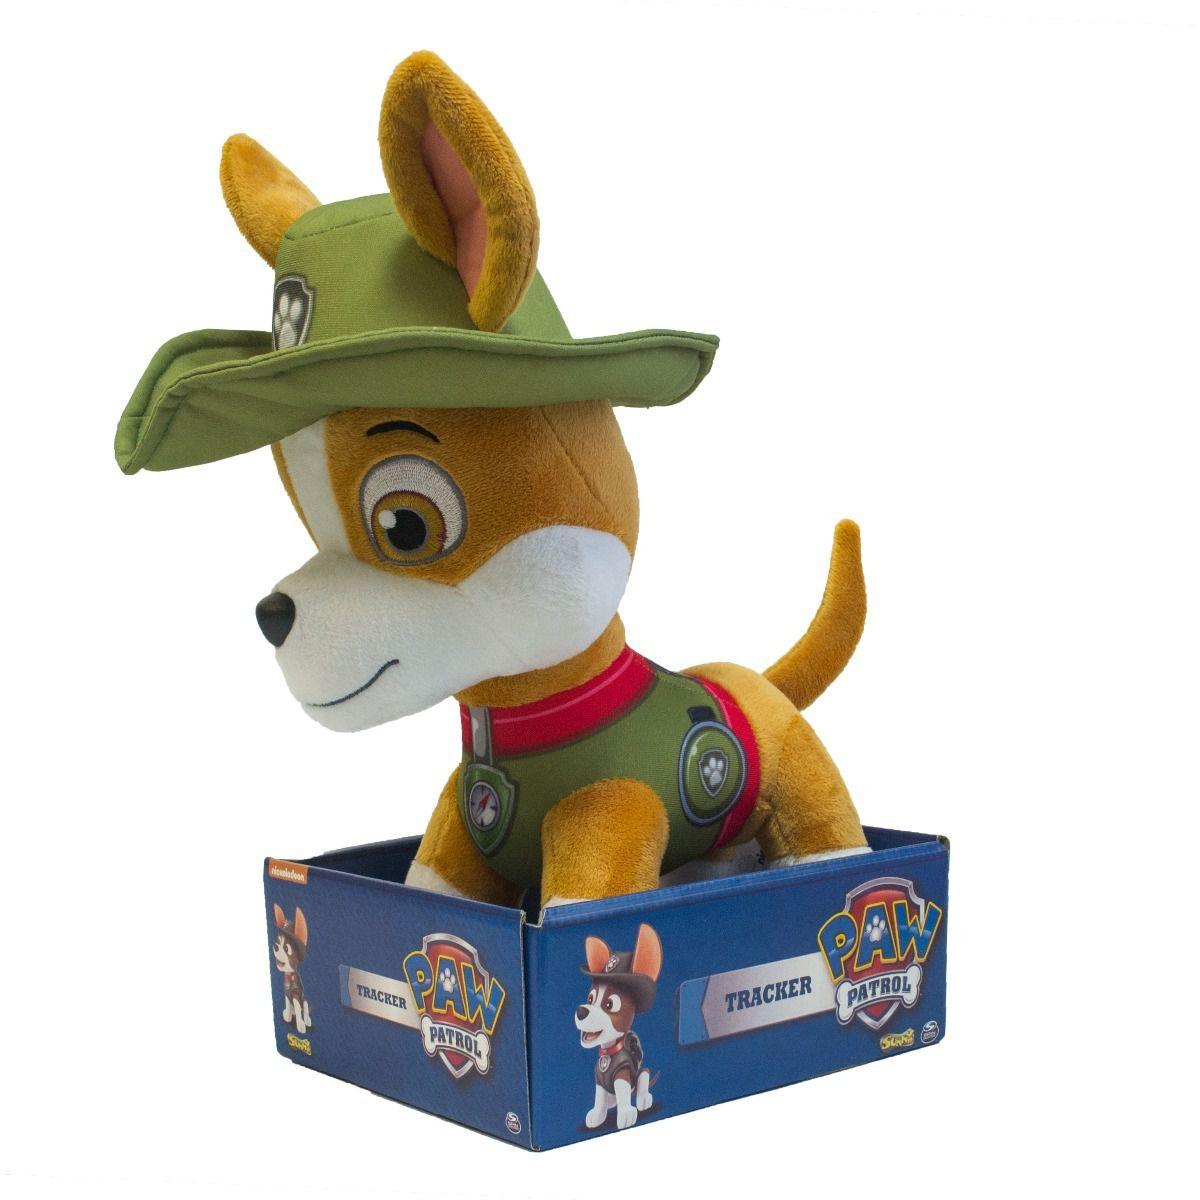 Pelucia Patrulha Canina Tracker 12 Tamanho Grande Sunny 30cm